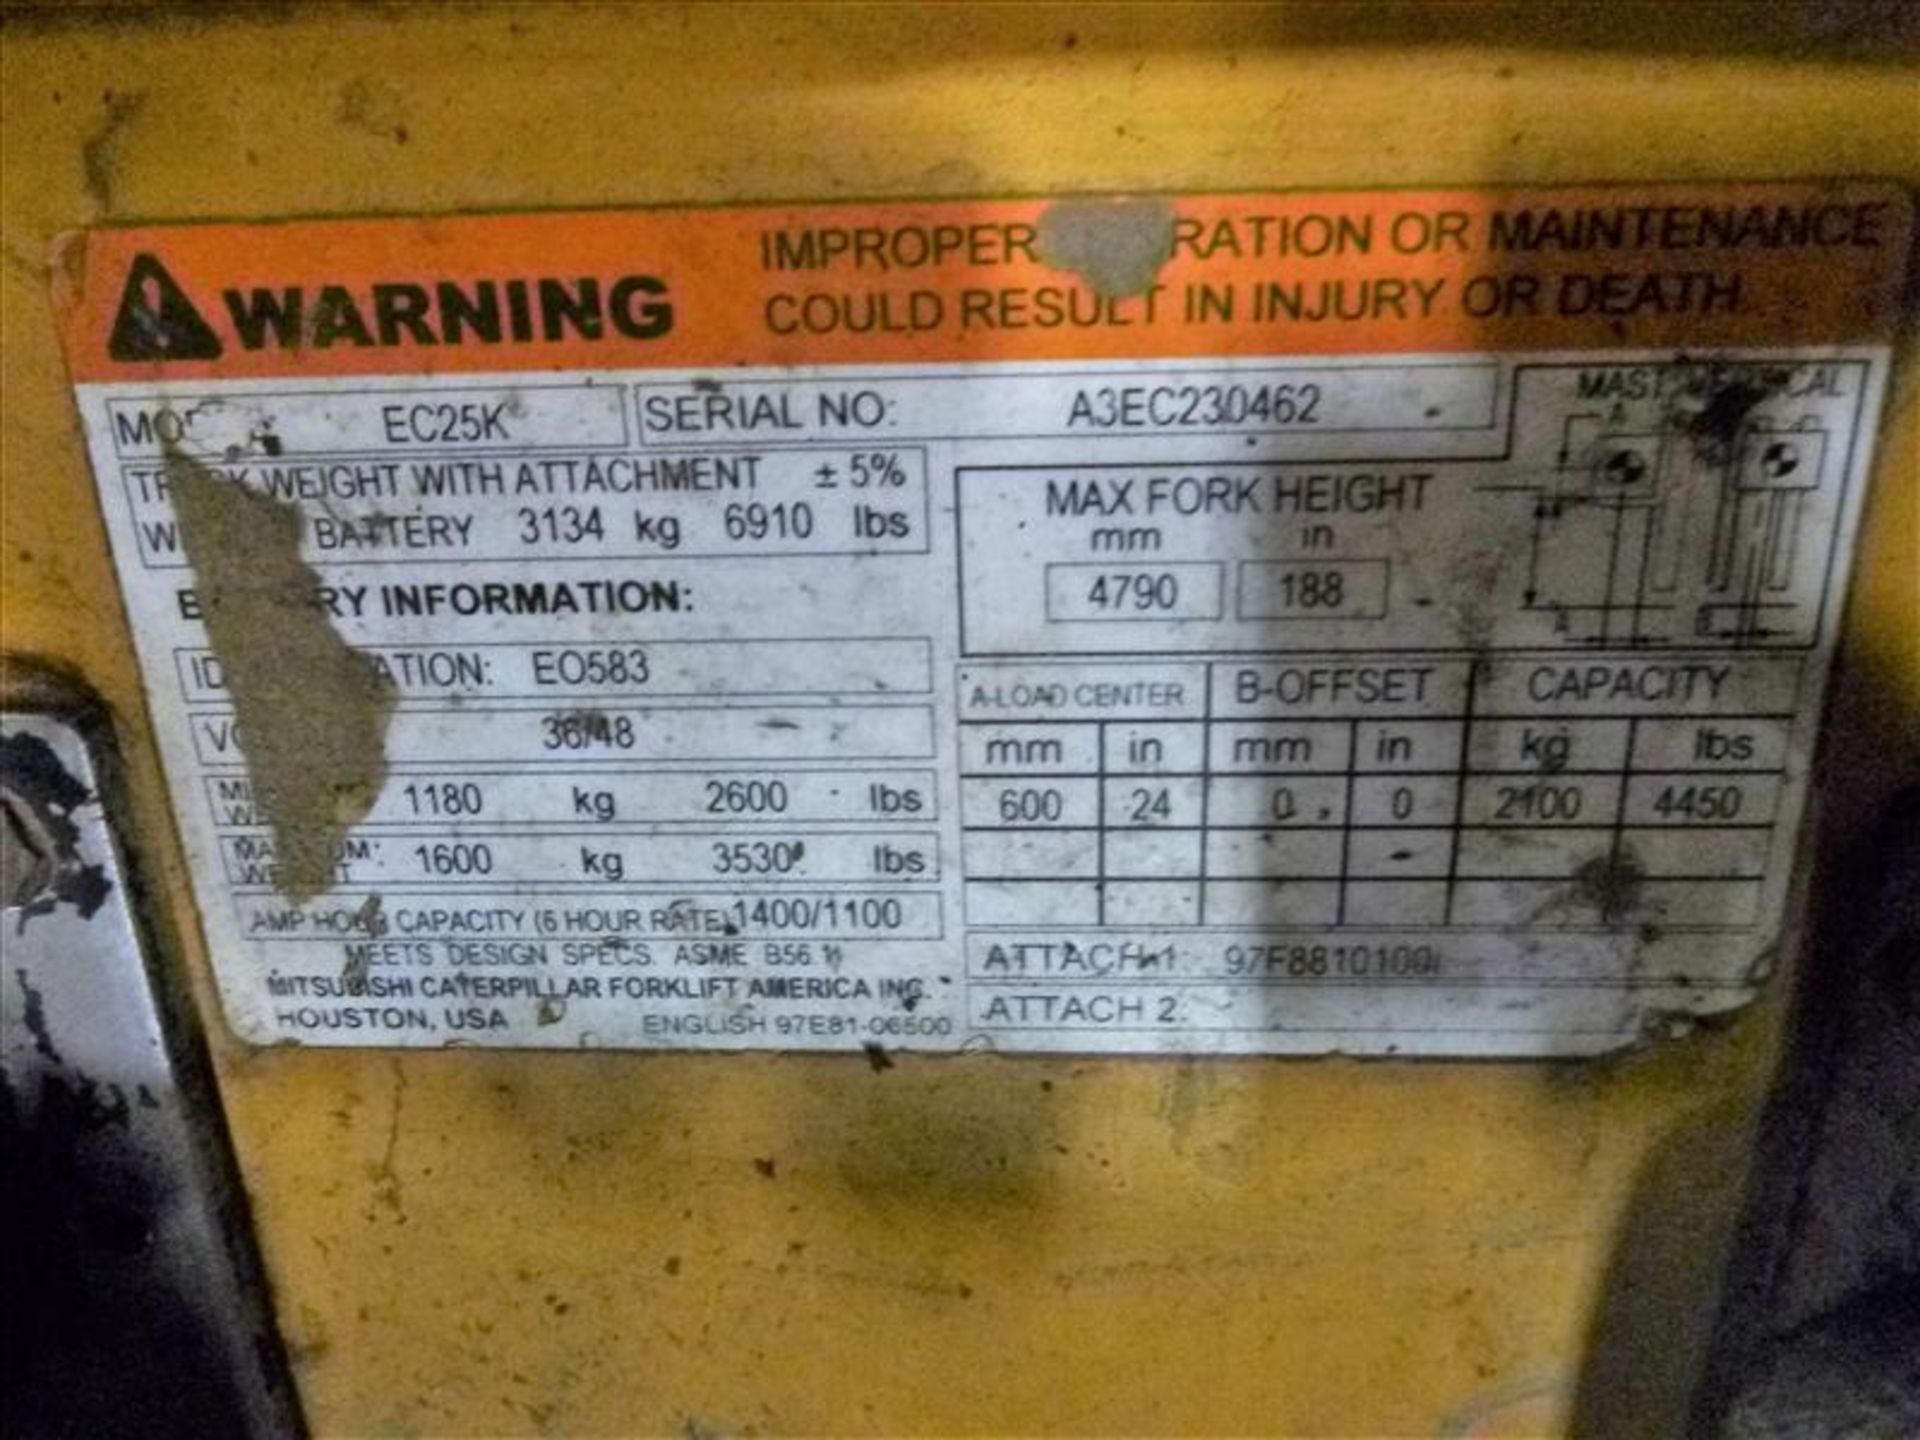 Lot 2009 - Caterpillar fork lift truck, mod. EC25K, ser. no. A3EC230462, 48V electric, 4450 lbs cap., 188 in.